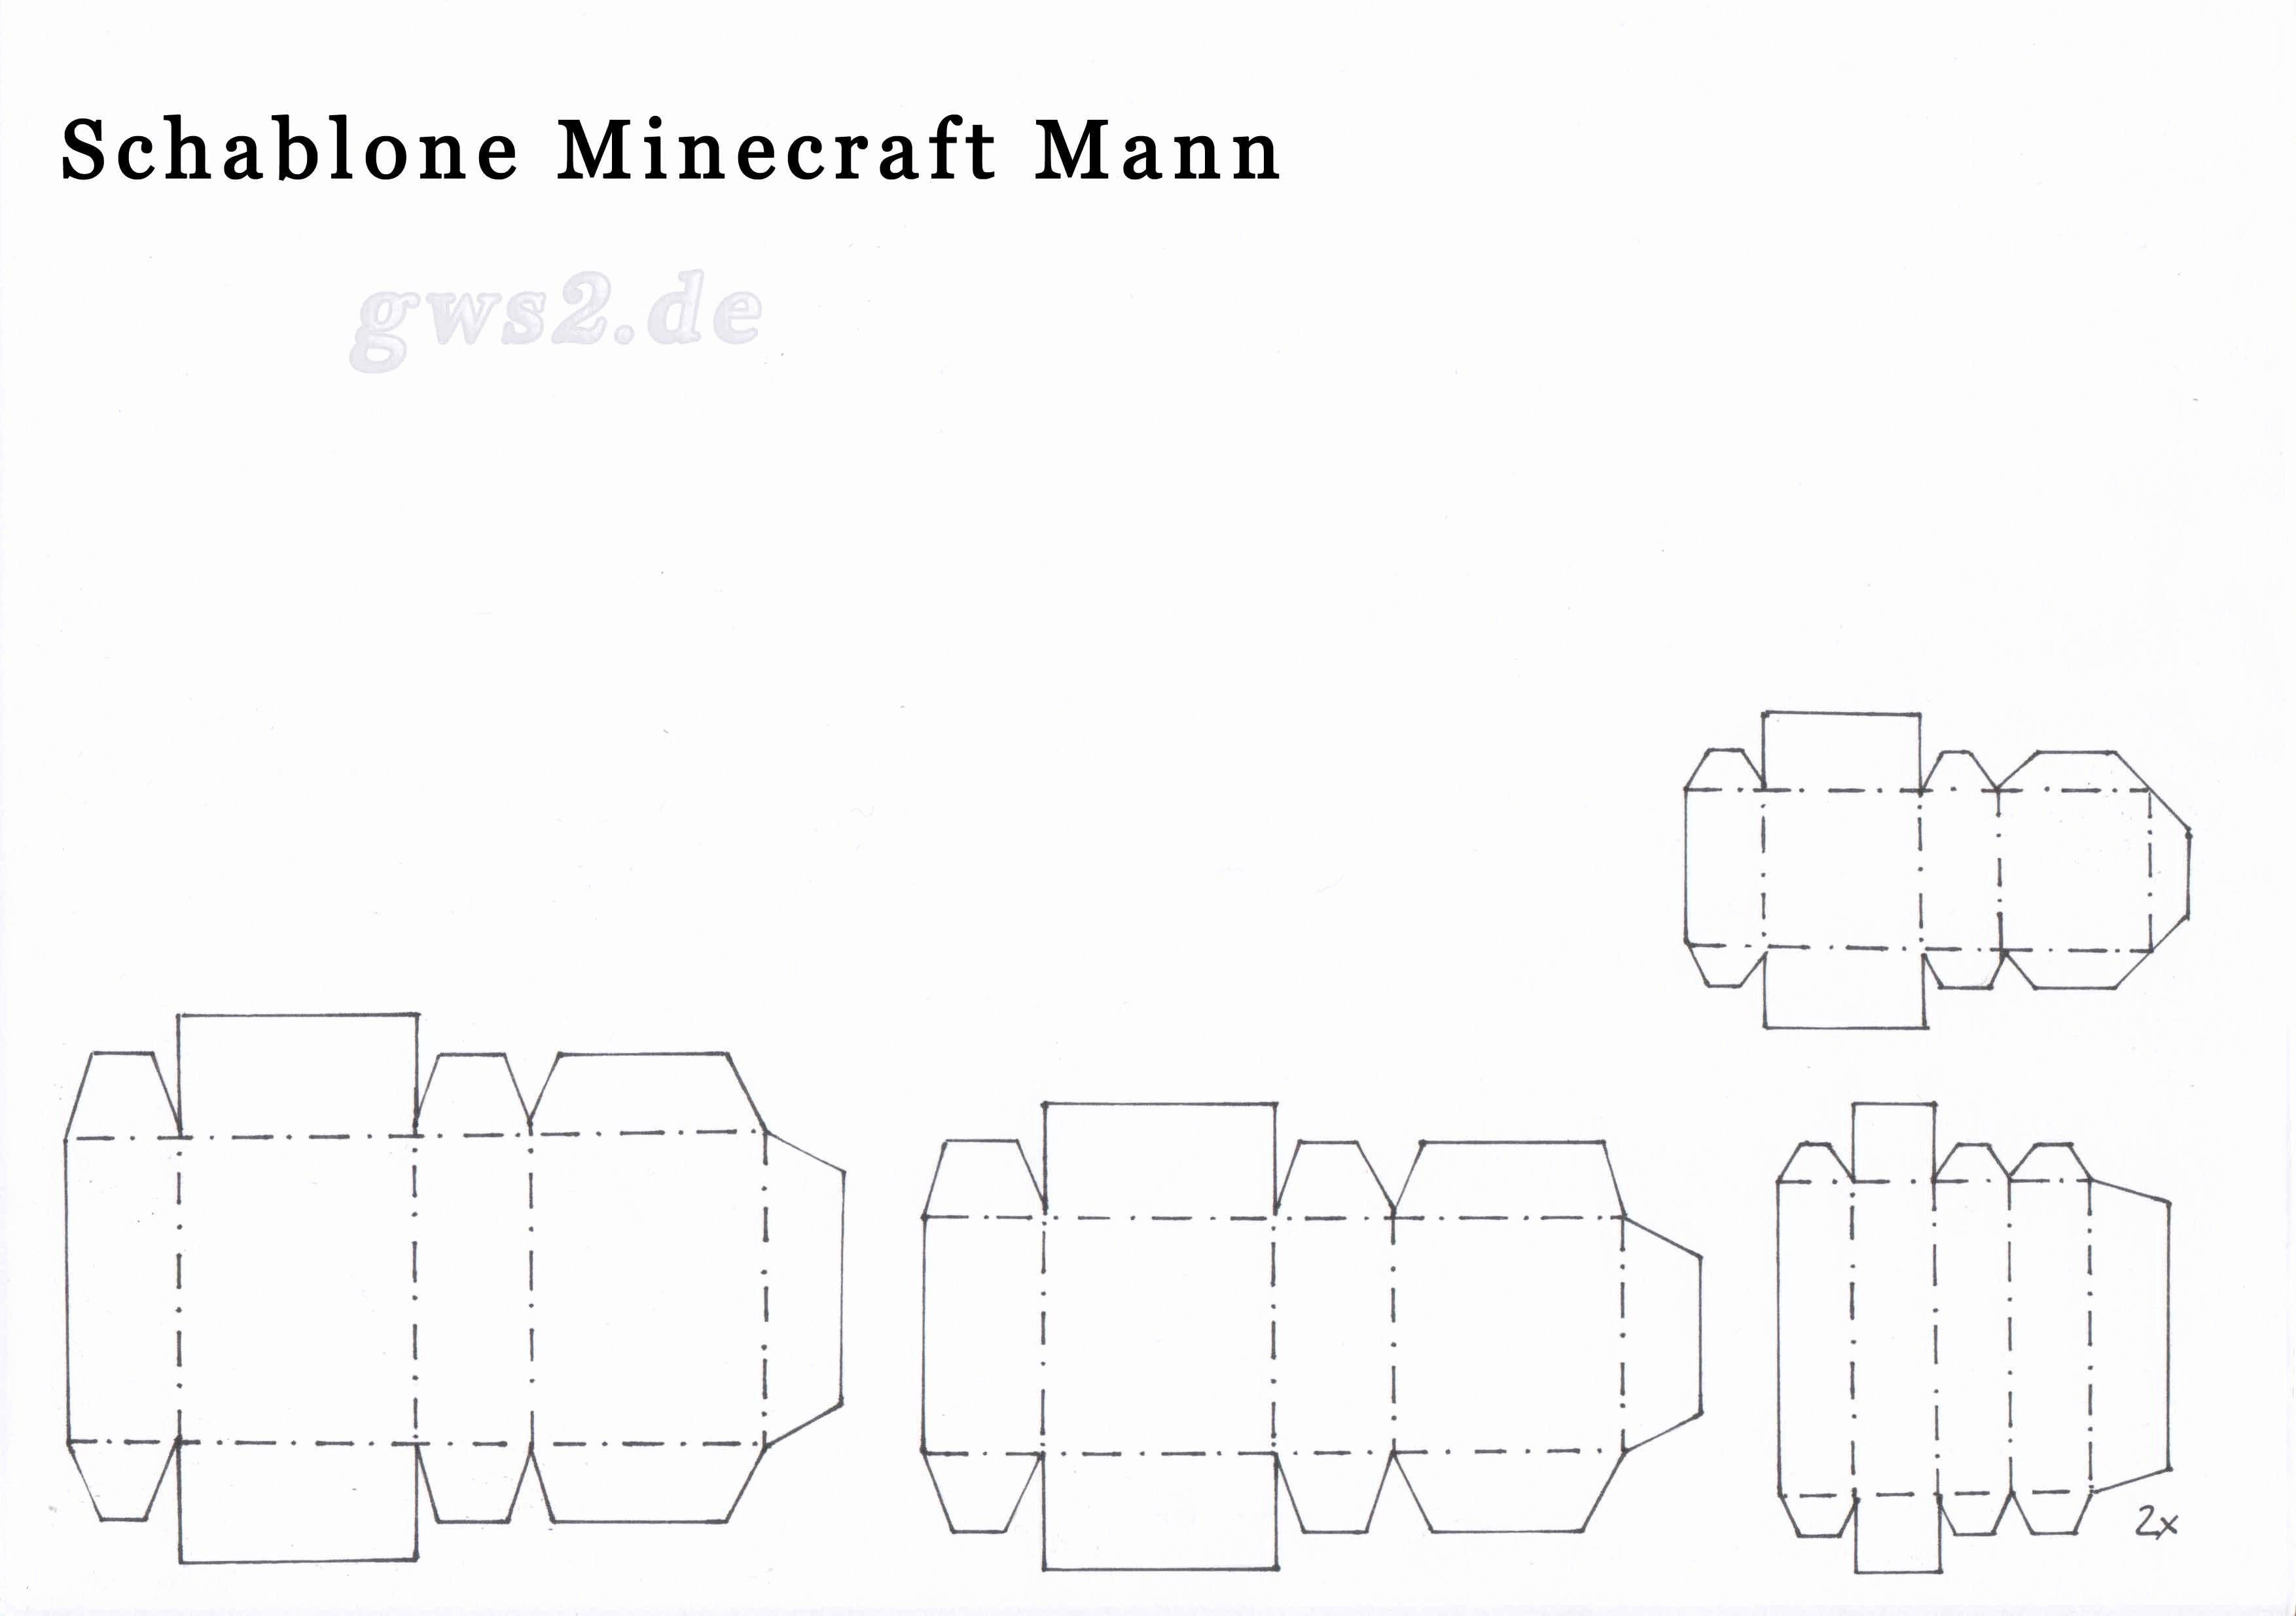 Minecraft Ausmalbilder Schwert Das Beste Von Minecraft Ausmalbilder Drucken Fresh 35 Minecraft Ausmalbilder Zum Bilder